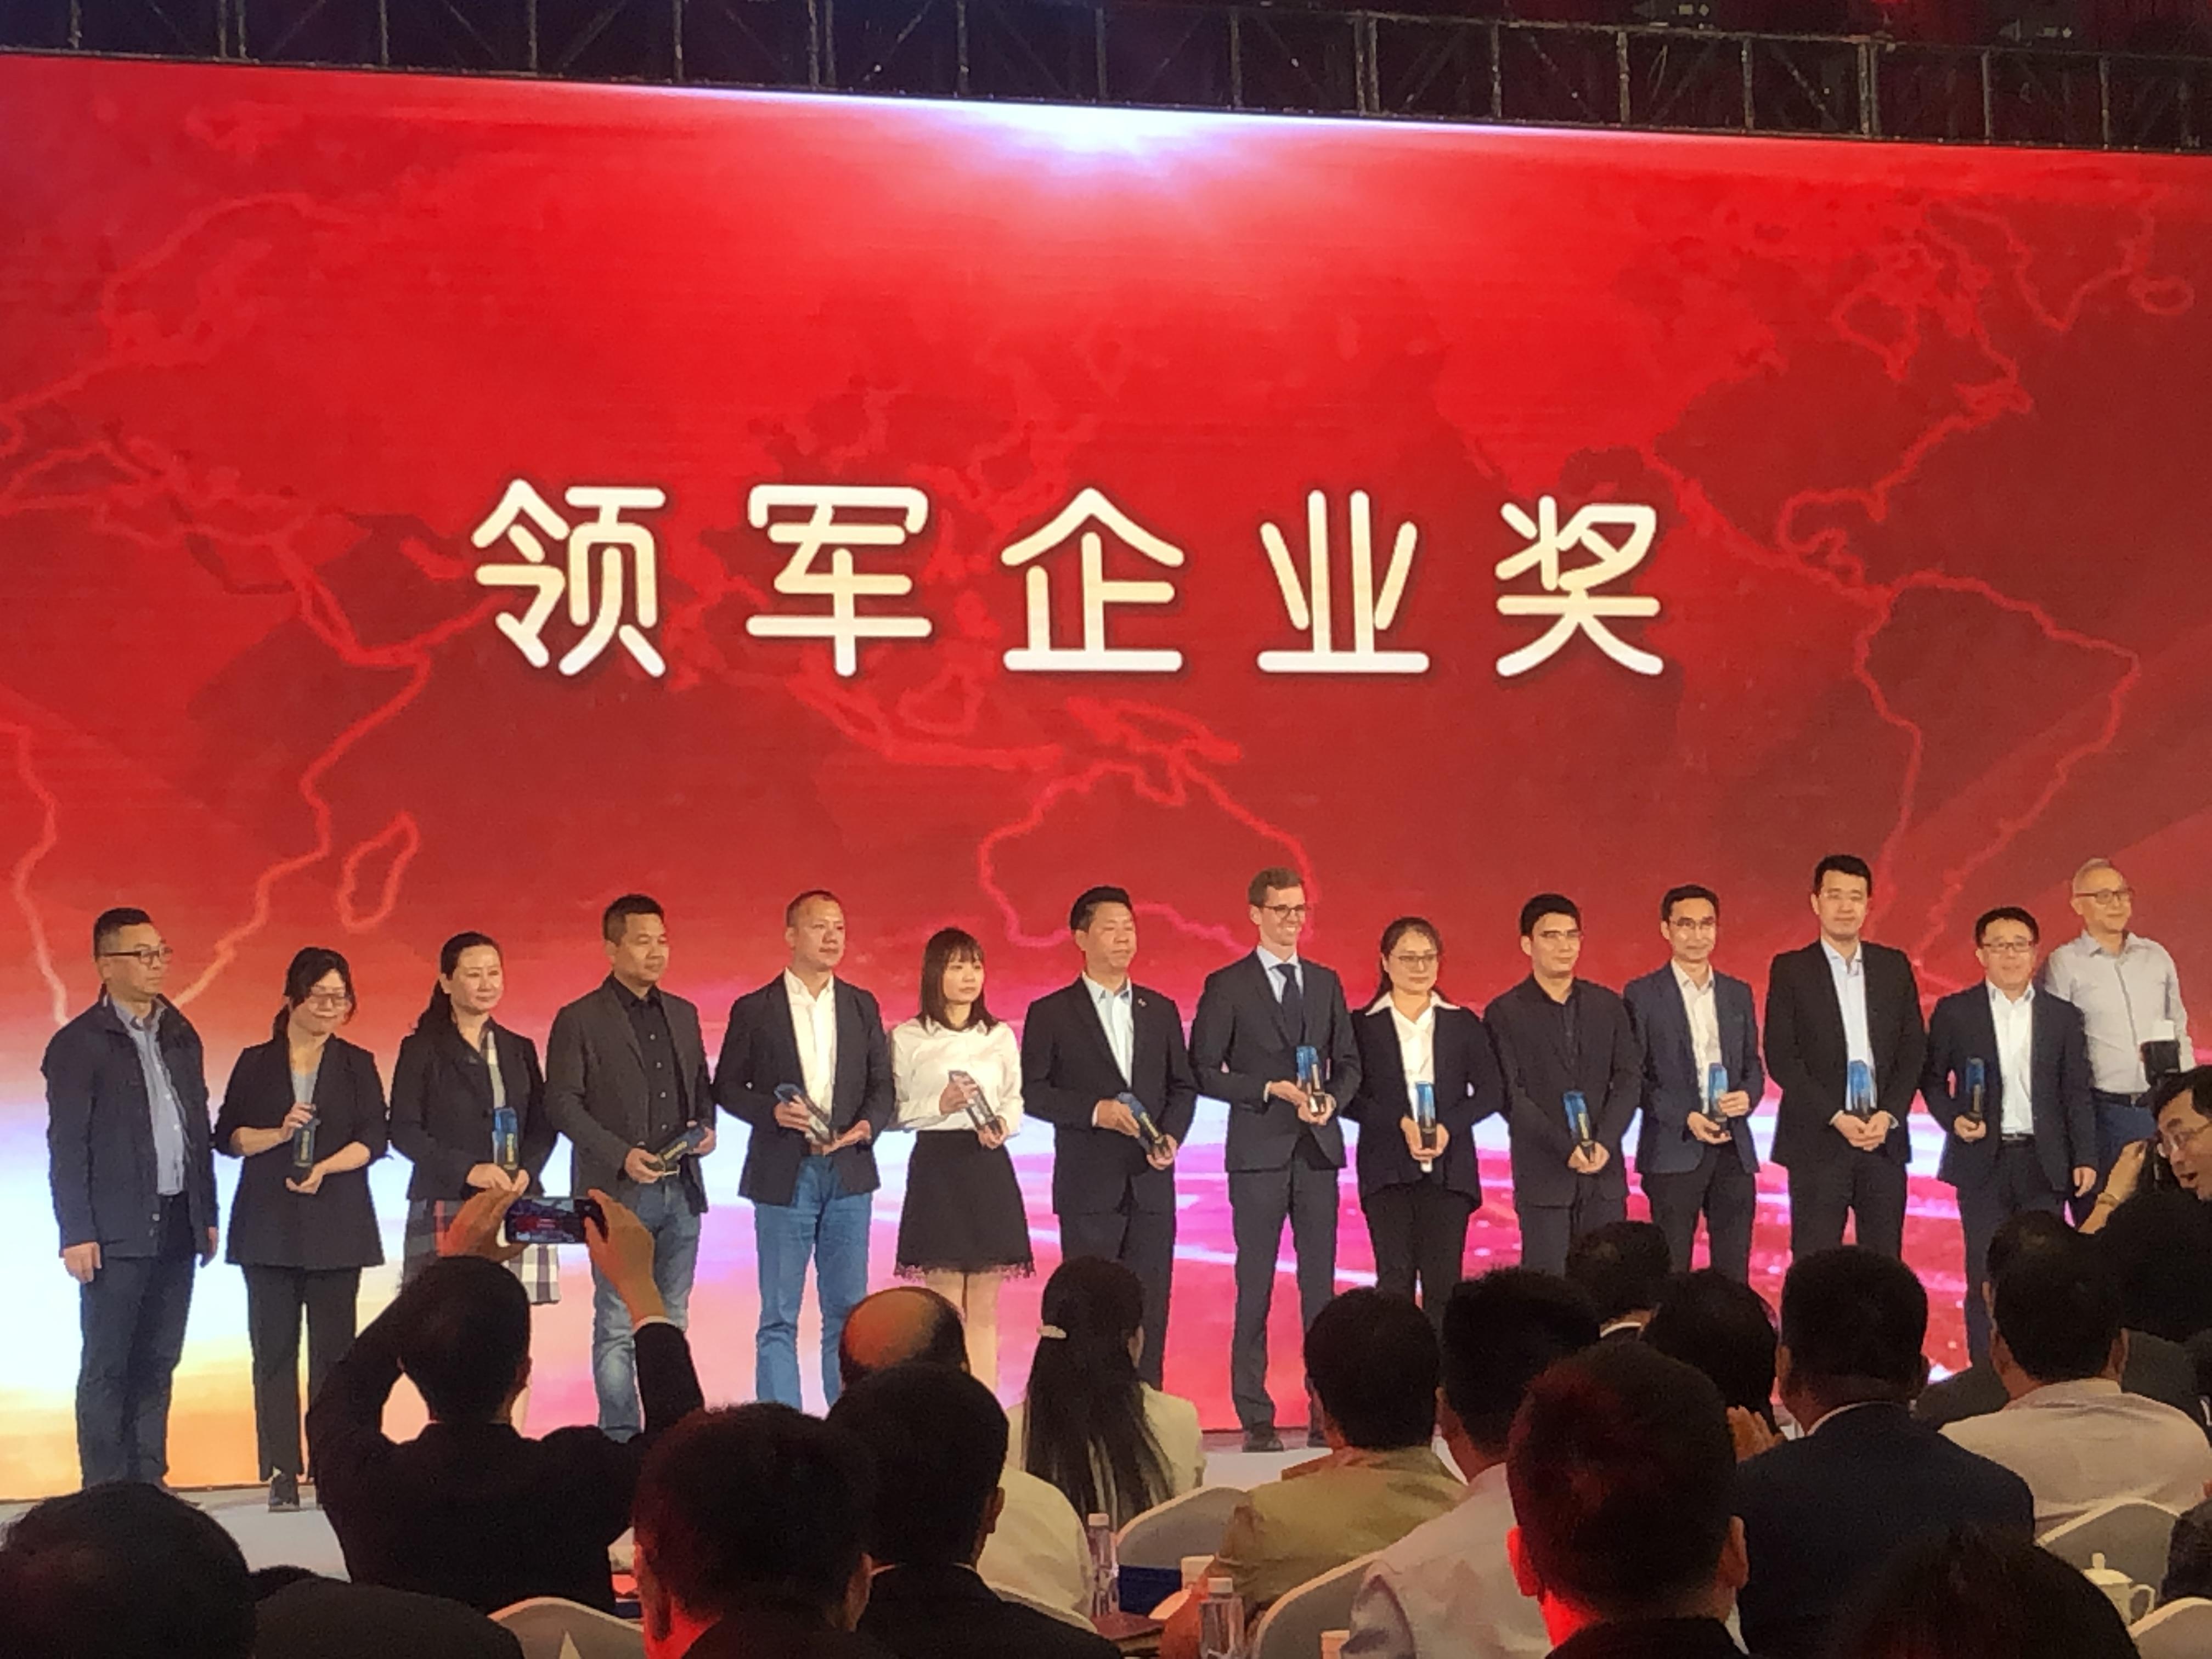 SCM再次獲得上海臨港松江科技城贊譽